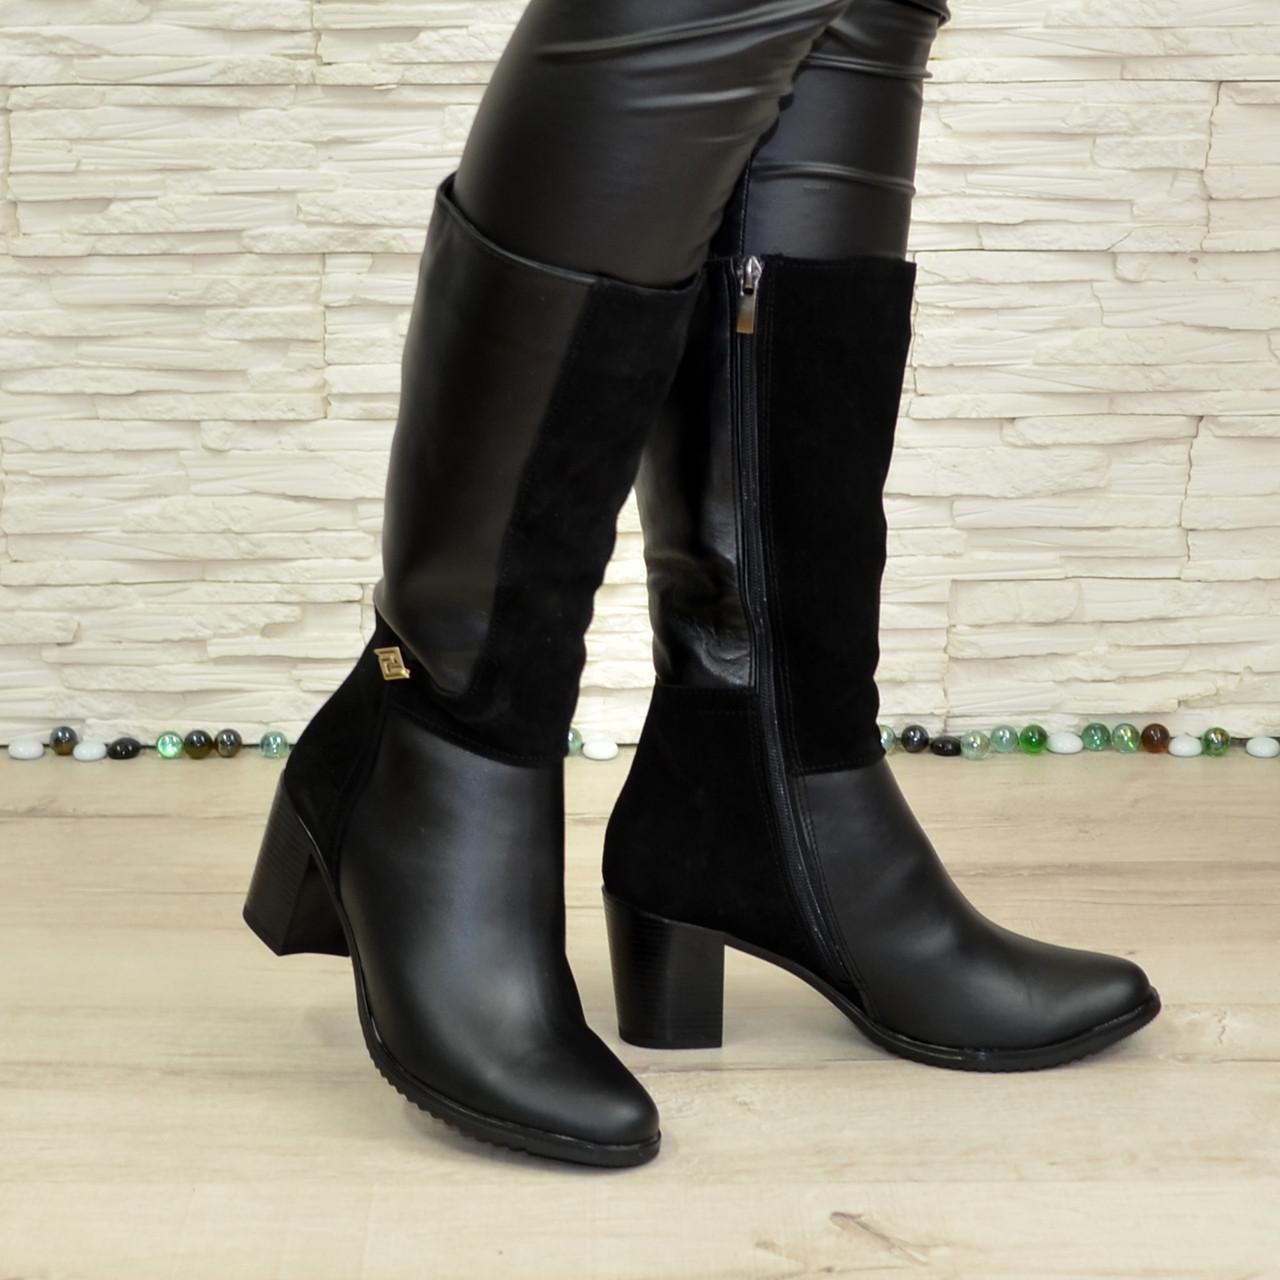 Сапоги зимние на  устойчивом каблуке, натуральная кожа и замш. 37 размер